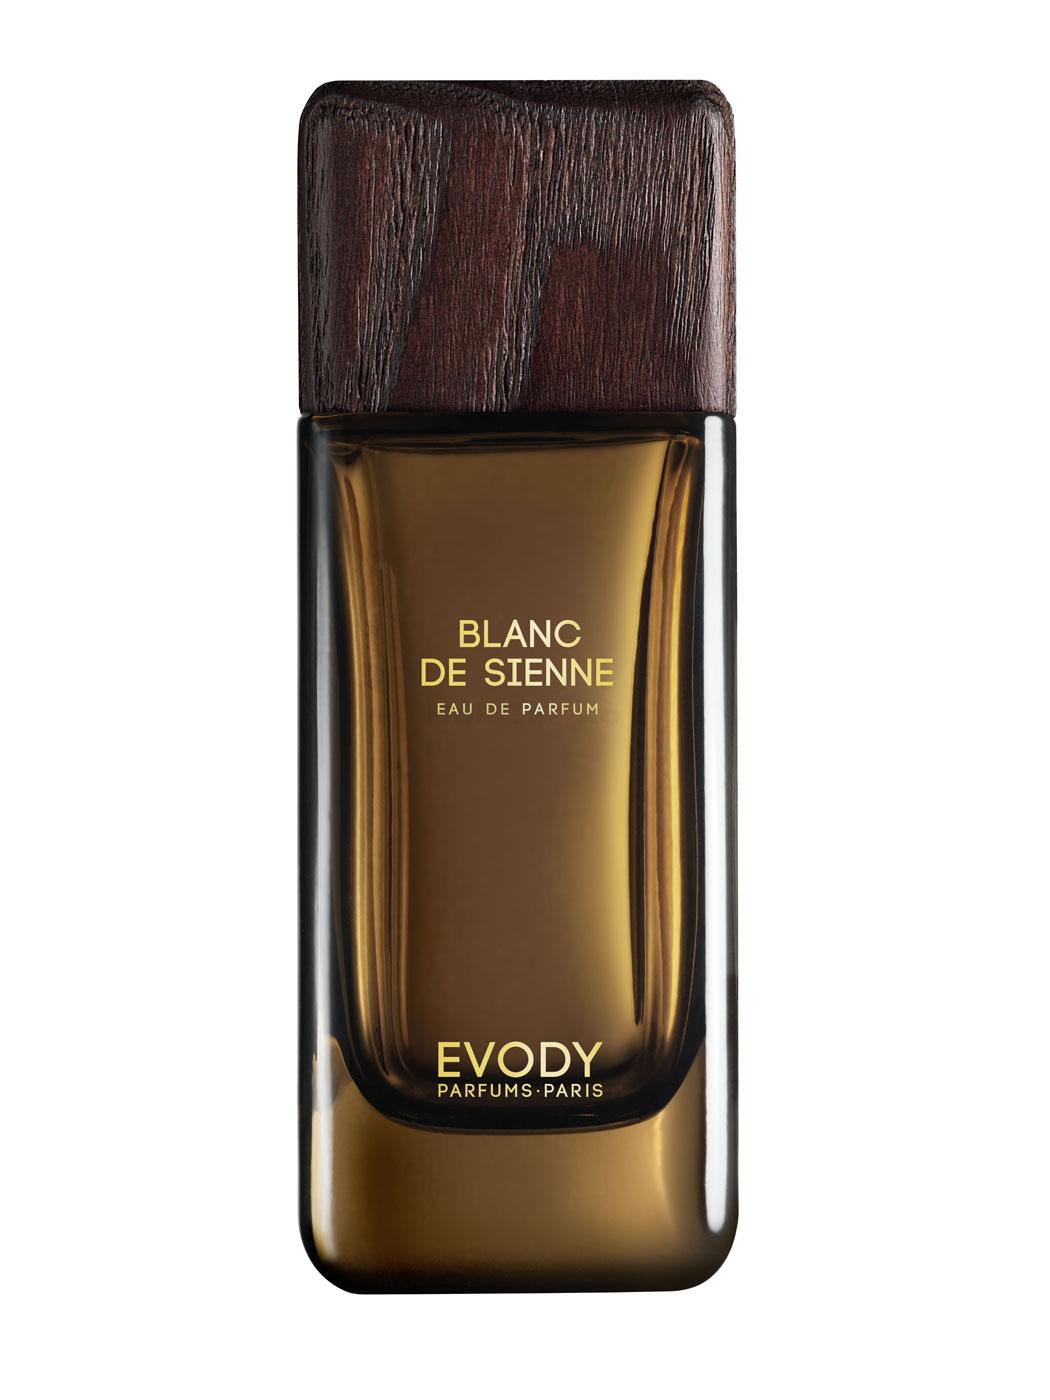 Evody - Collection D'Ailleurs - Blanc De Sienne Eau de Parfum 100ml